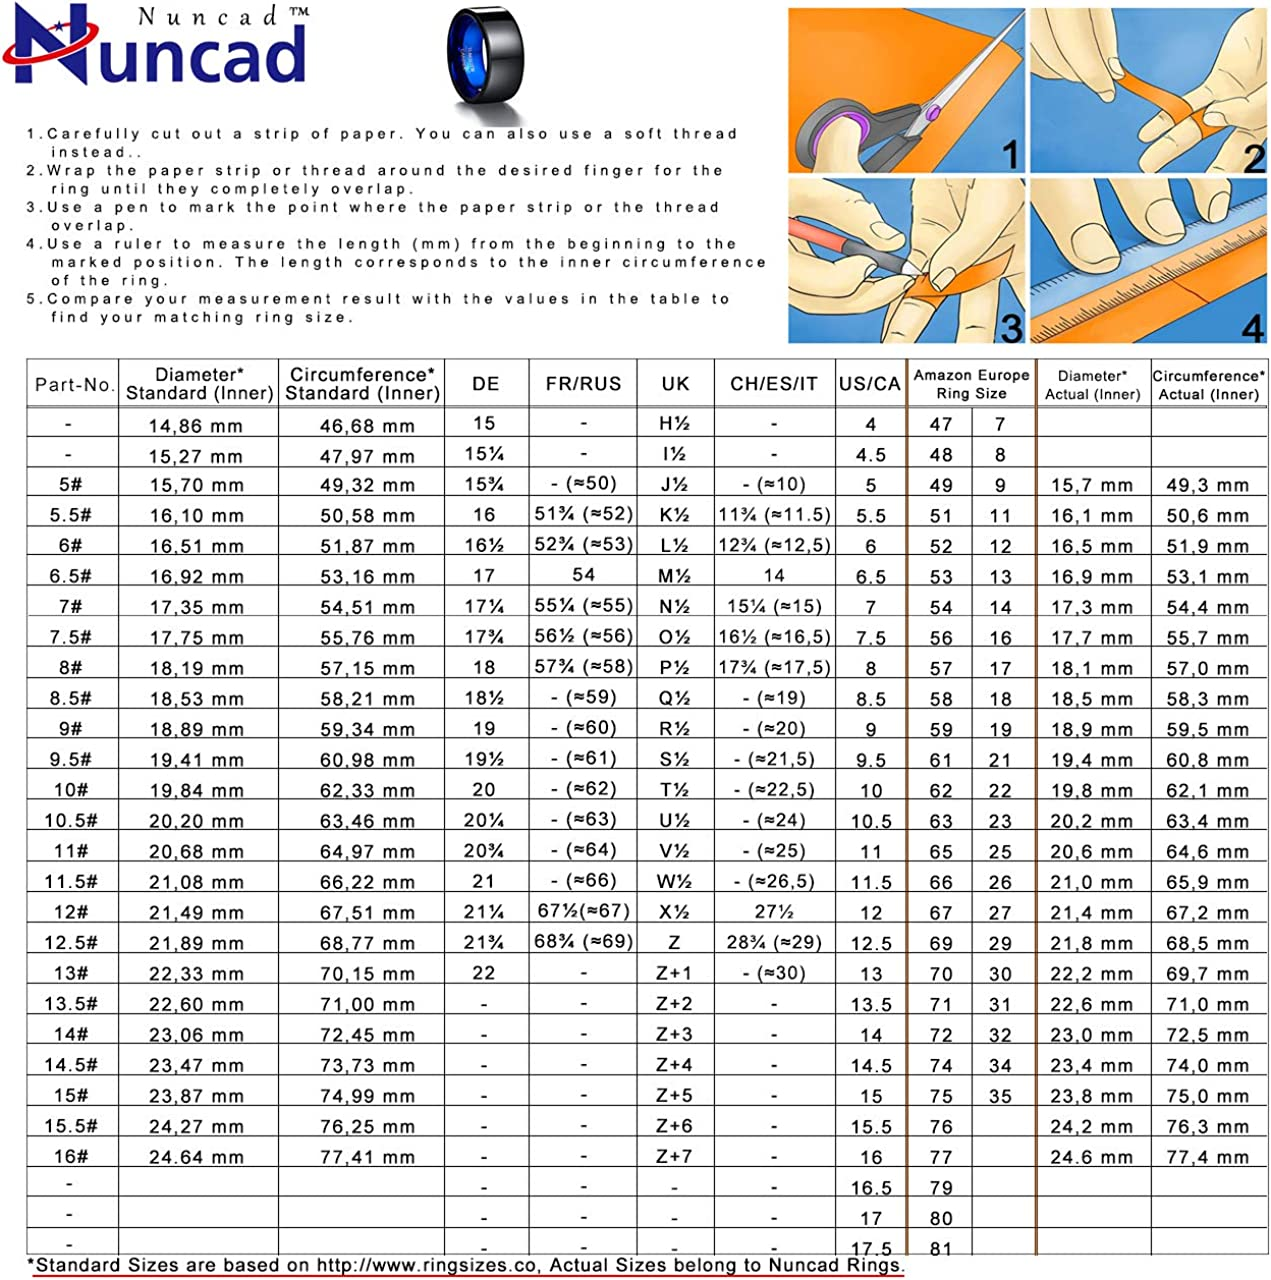 NUNCAD Bague Minimaliste Homme//Femme Unisexe en Tungst/ène 10mm Bleu Noir Bague de promesse Taille 55-70